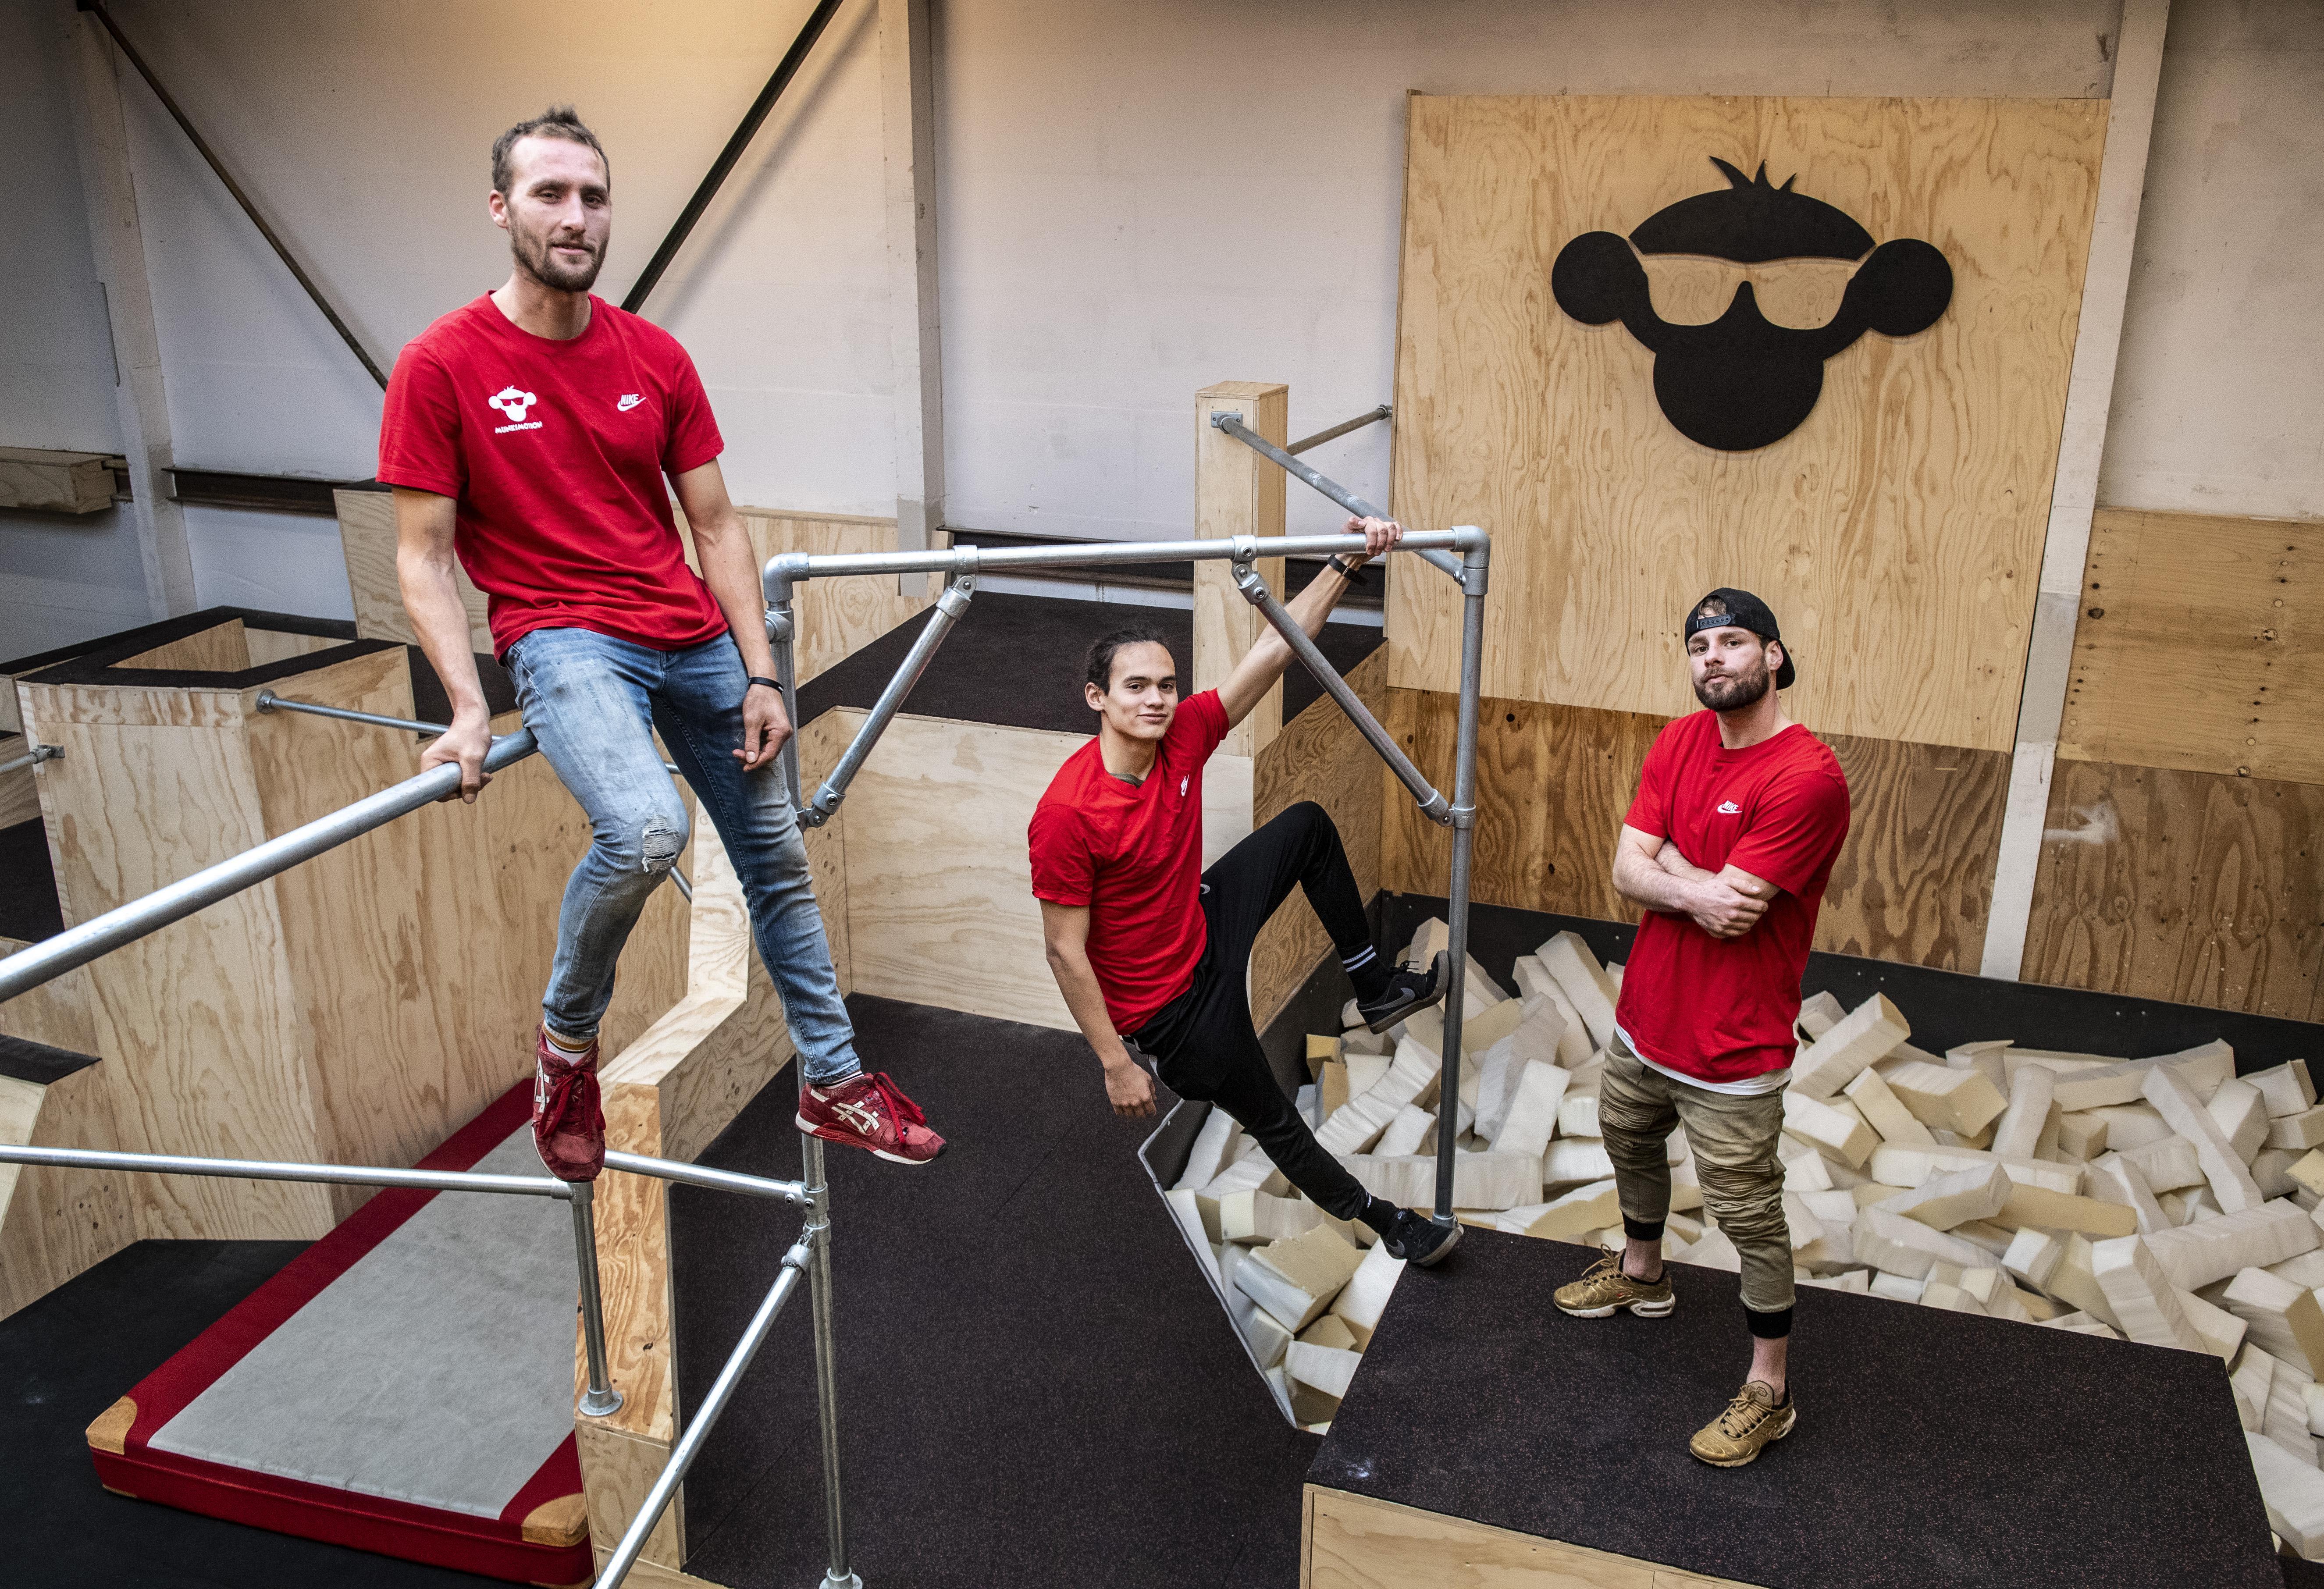 Salto met een zachte landing bij nieuwe freerunhal van Munki Motion in Haarlem